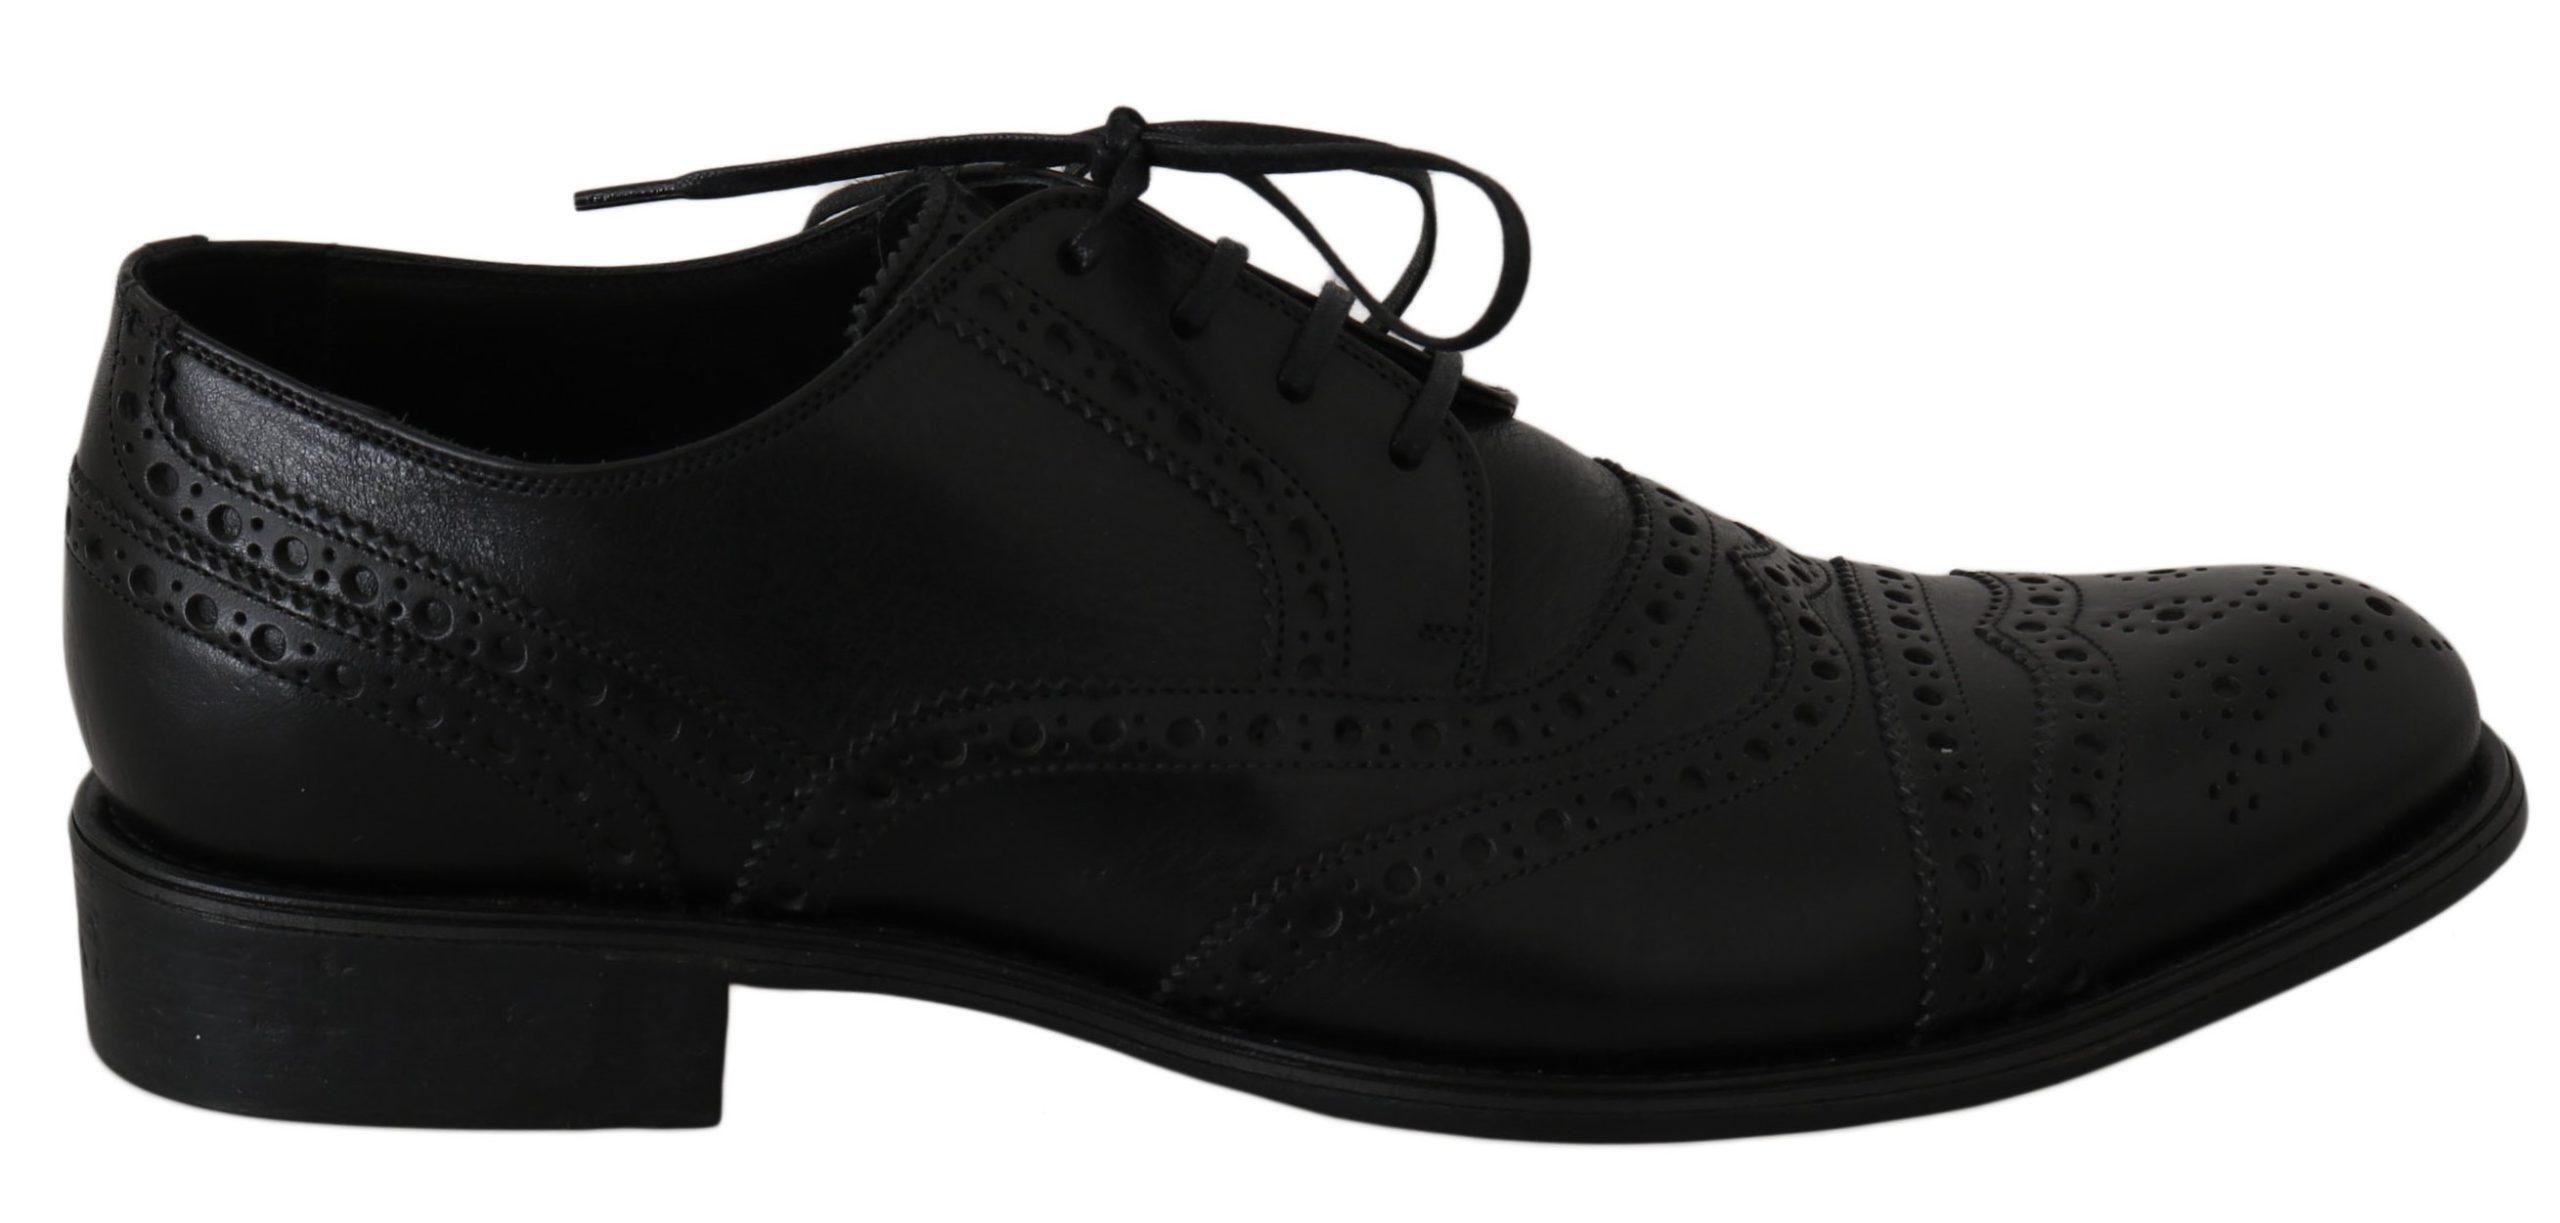 Dolce & Gabbana Men's Shoes Black MV2366 - EU39/US6